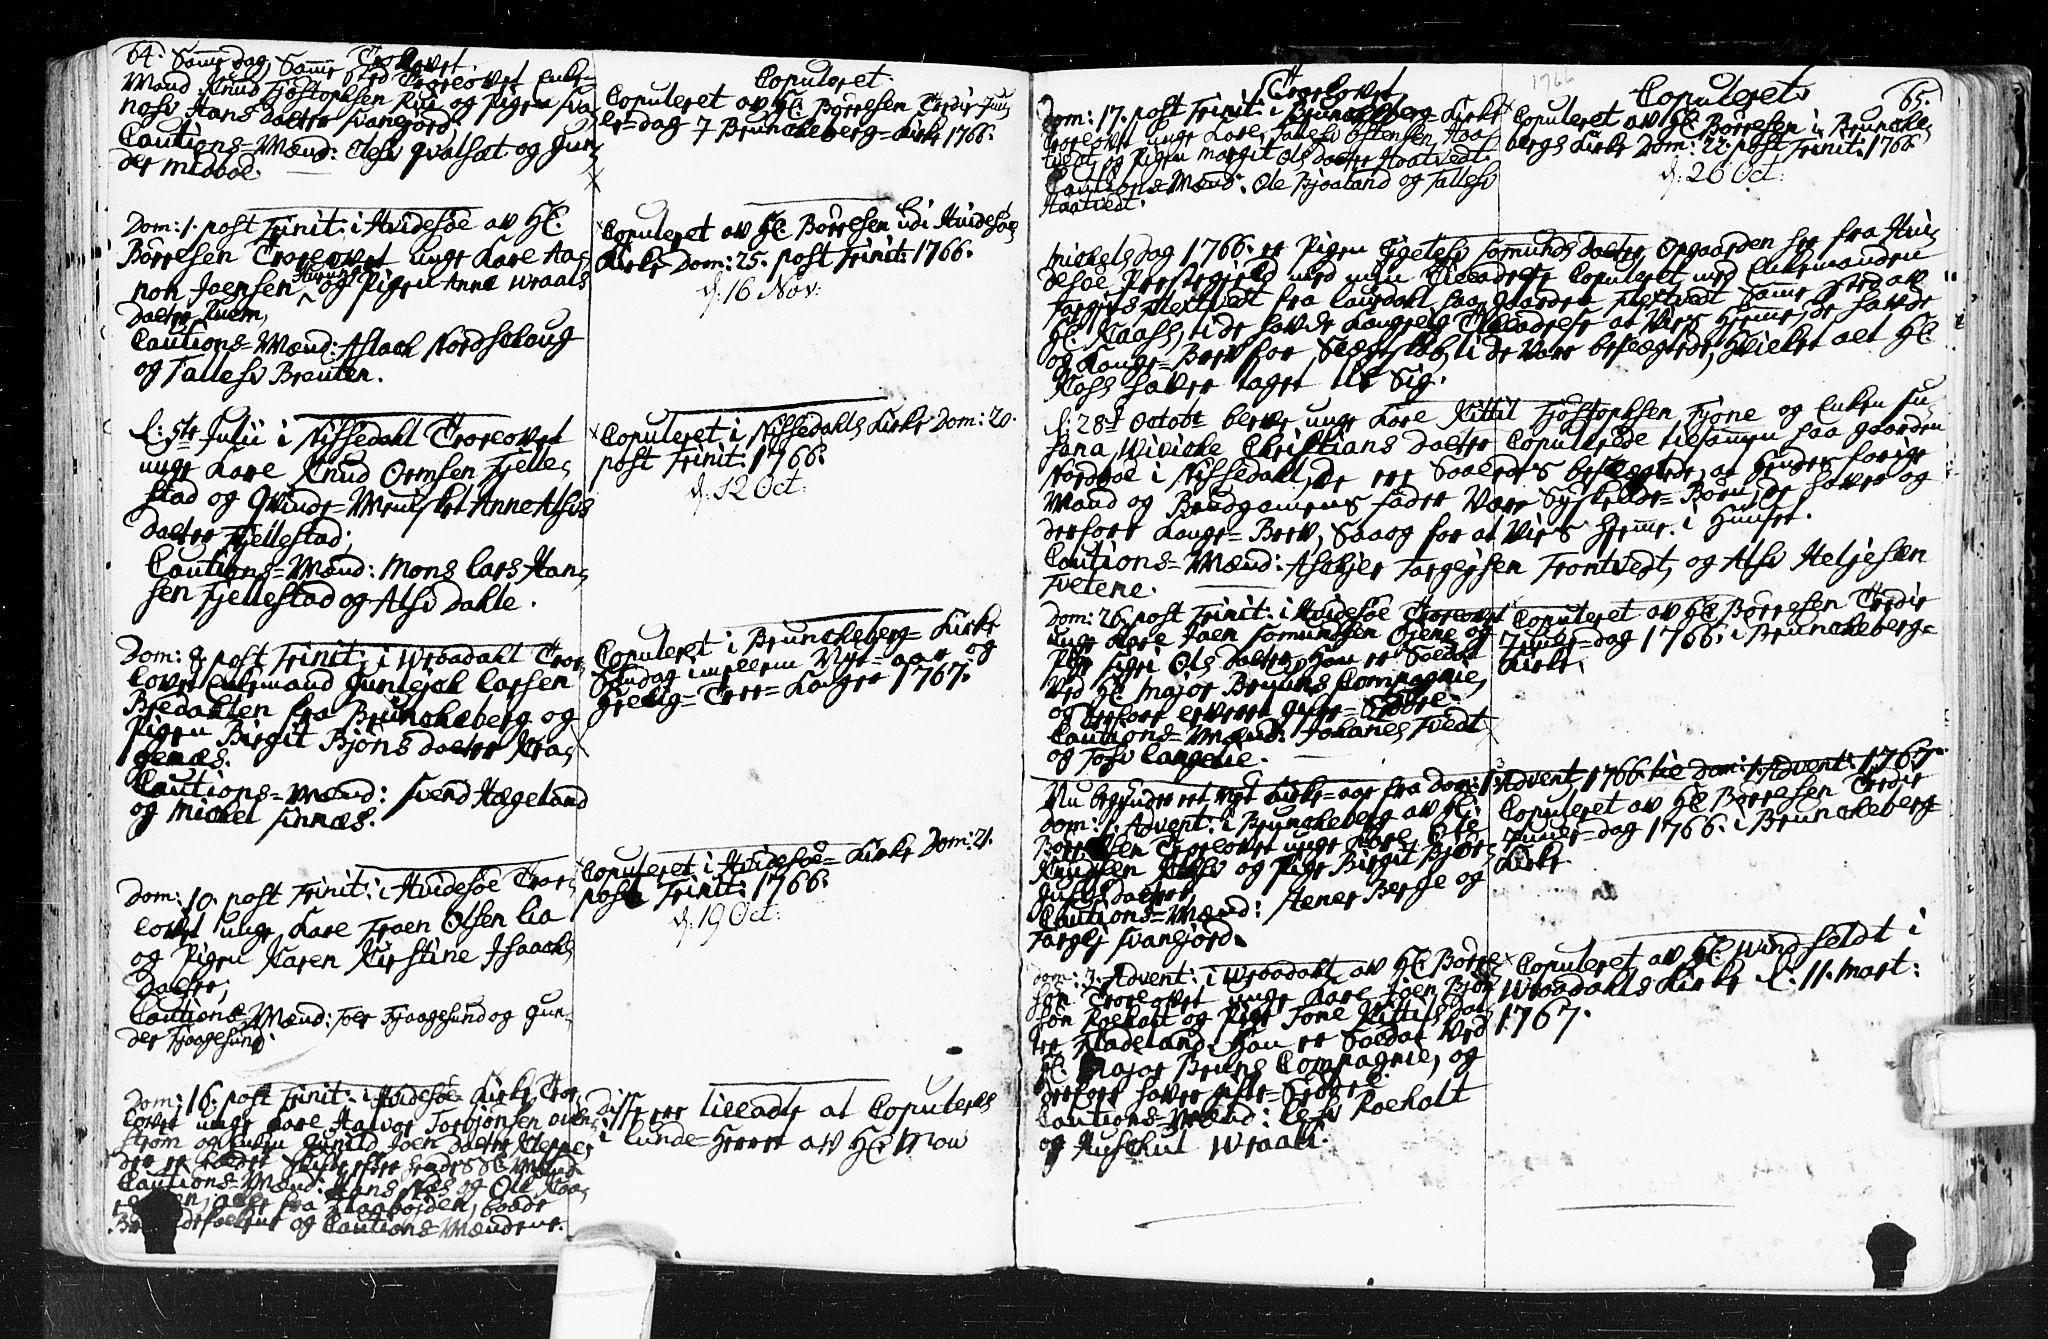 SAKO, Kviteseid kirkebøker, F/Fa/L0001: Ministerialbok nr. I 1, 1754-1773, s. 64-65